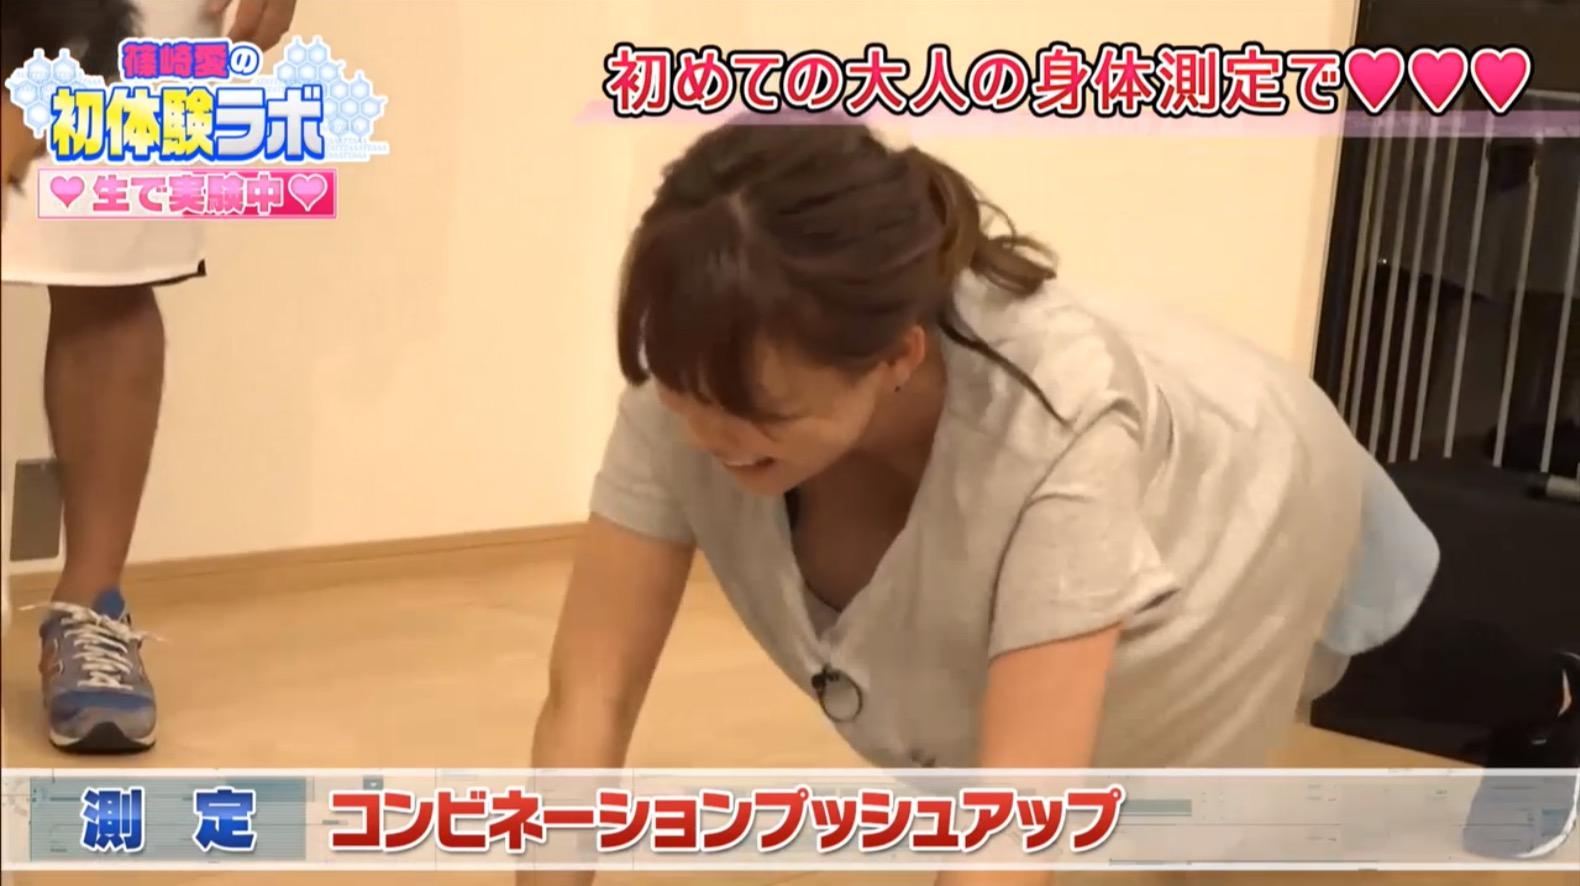 篠崎愛モロにパンチラエロGIF画像